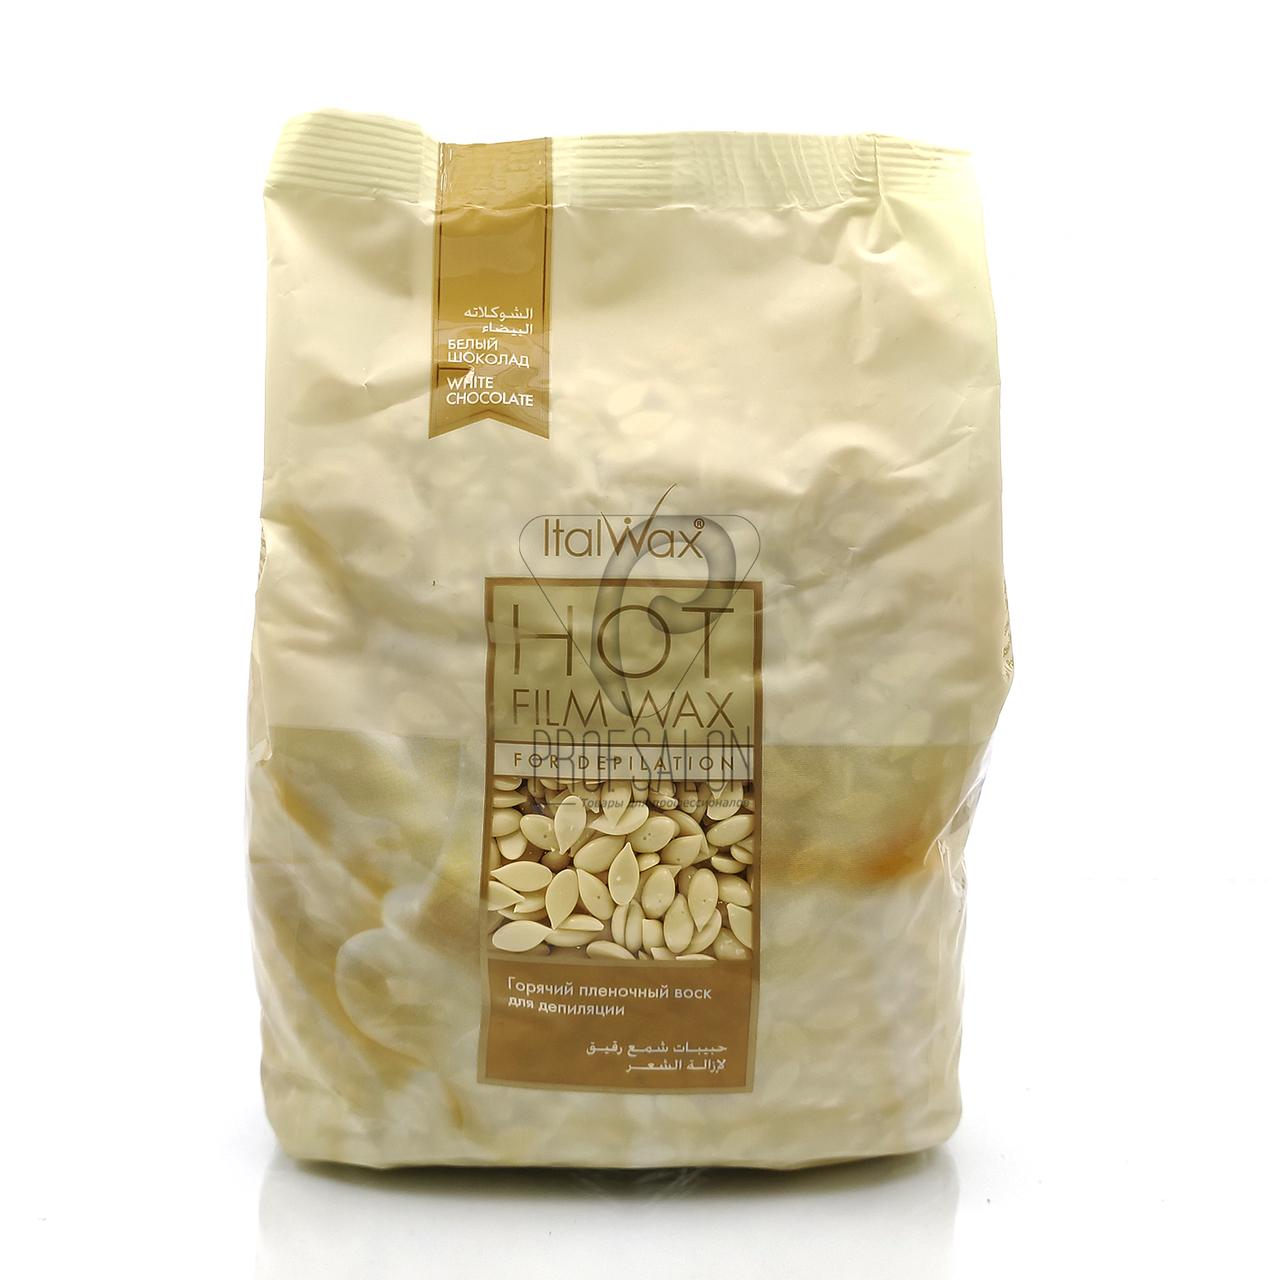 Горячий воск для депиляции в гранулах Italwax Белый шоколад бразильский (White Chocolate), 1000 гр.